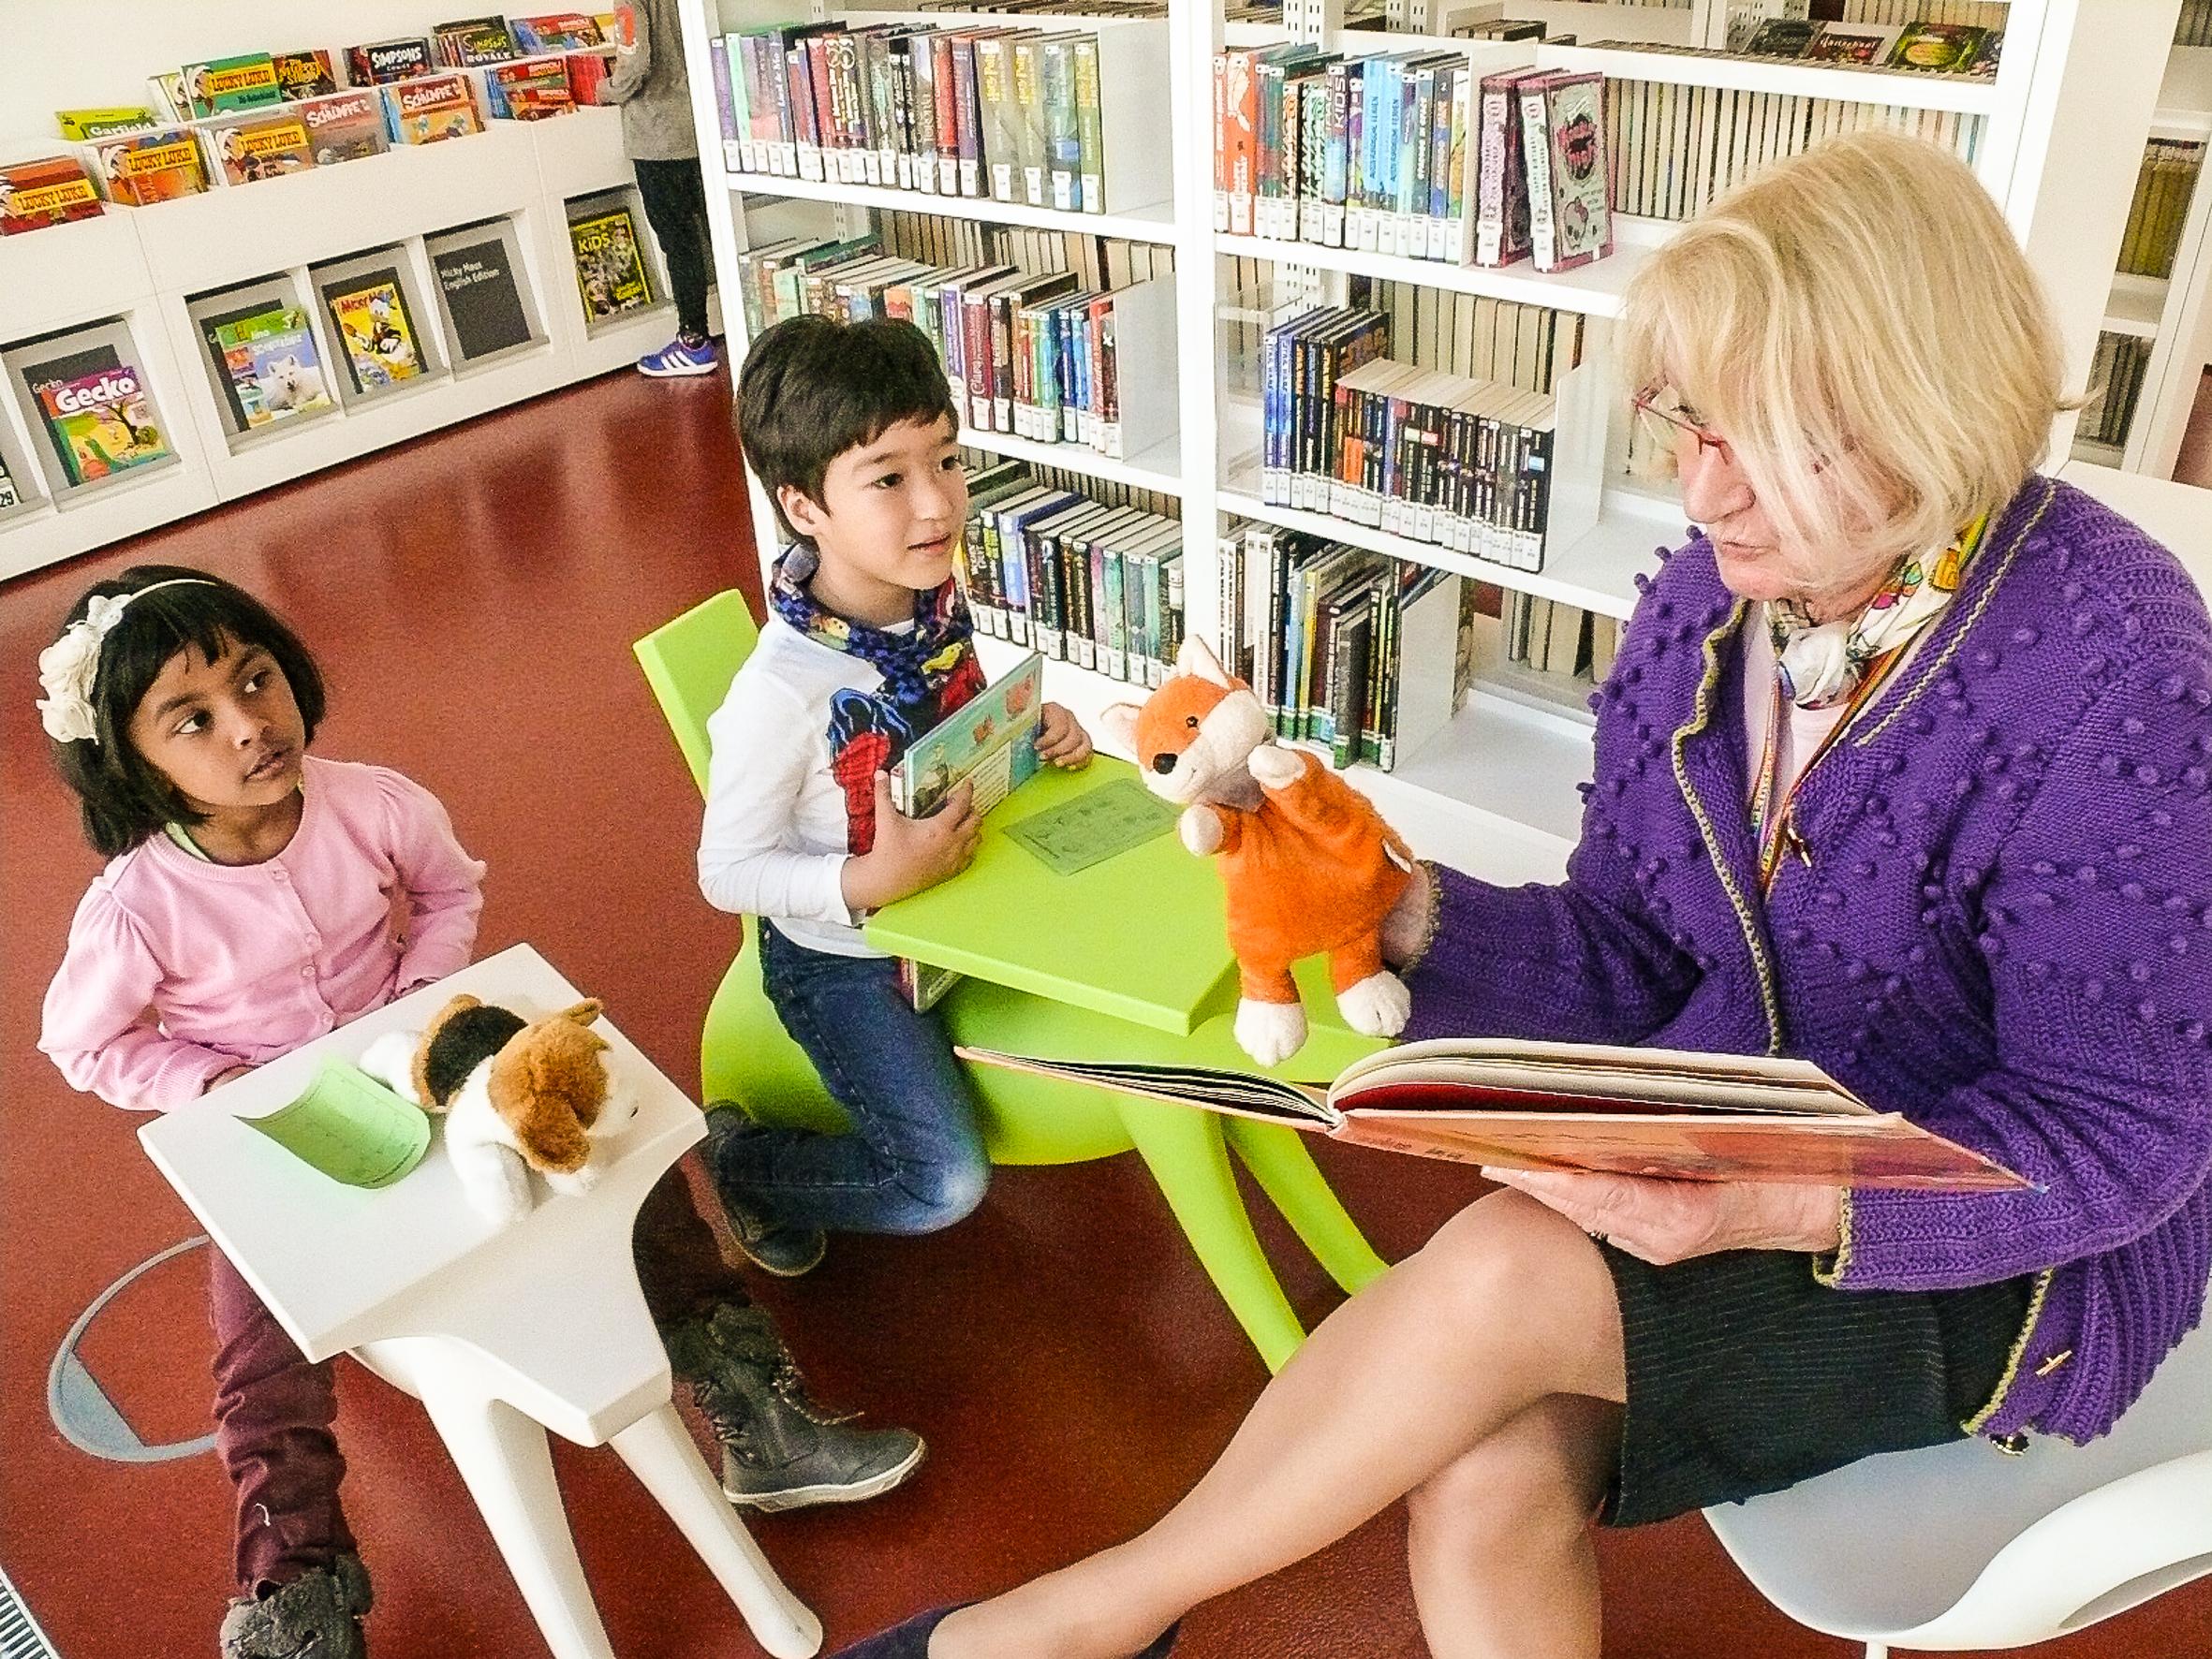 Auf den bunten Kinderstühlen macht das Zuhören gleich noch einmal so viel Spaß. Das meint auch Lesefuchs Heidrun Langer.